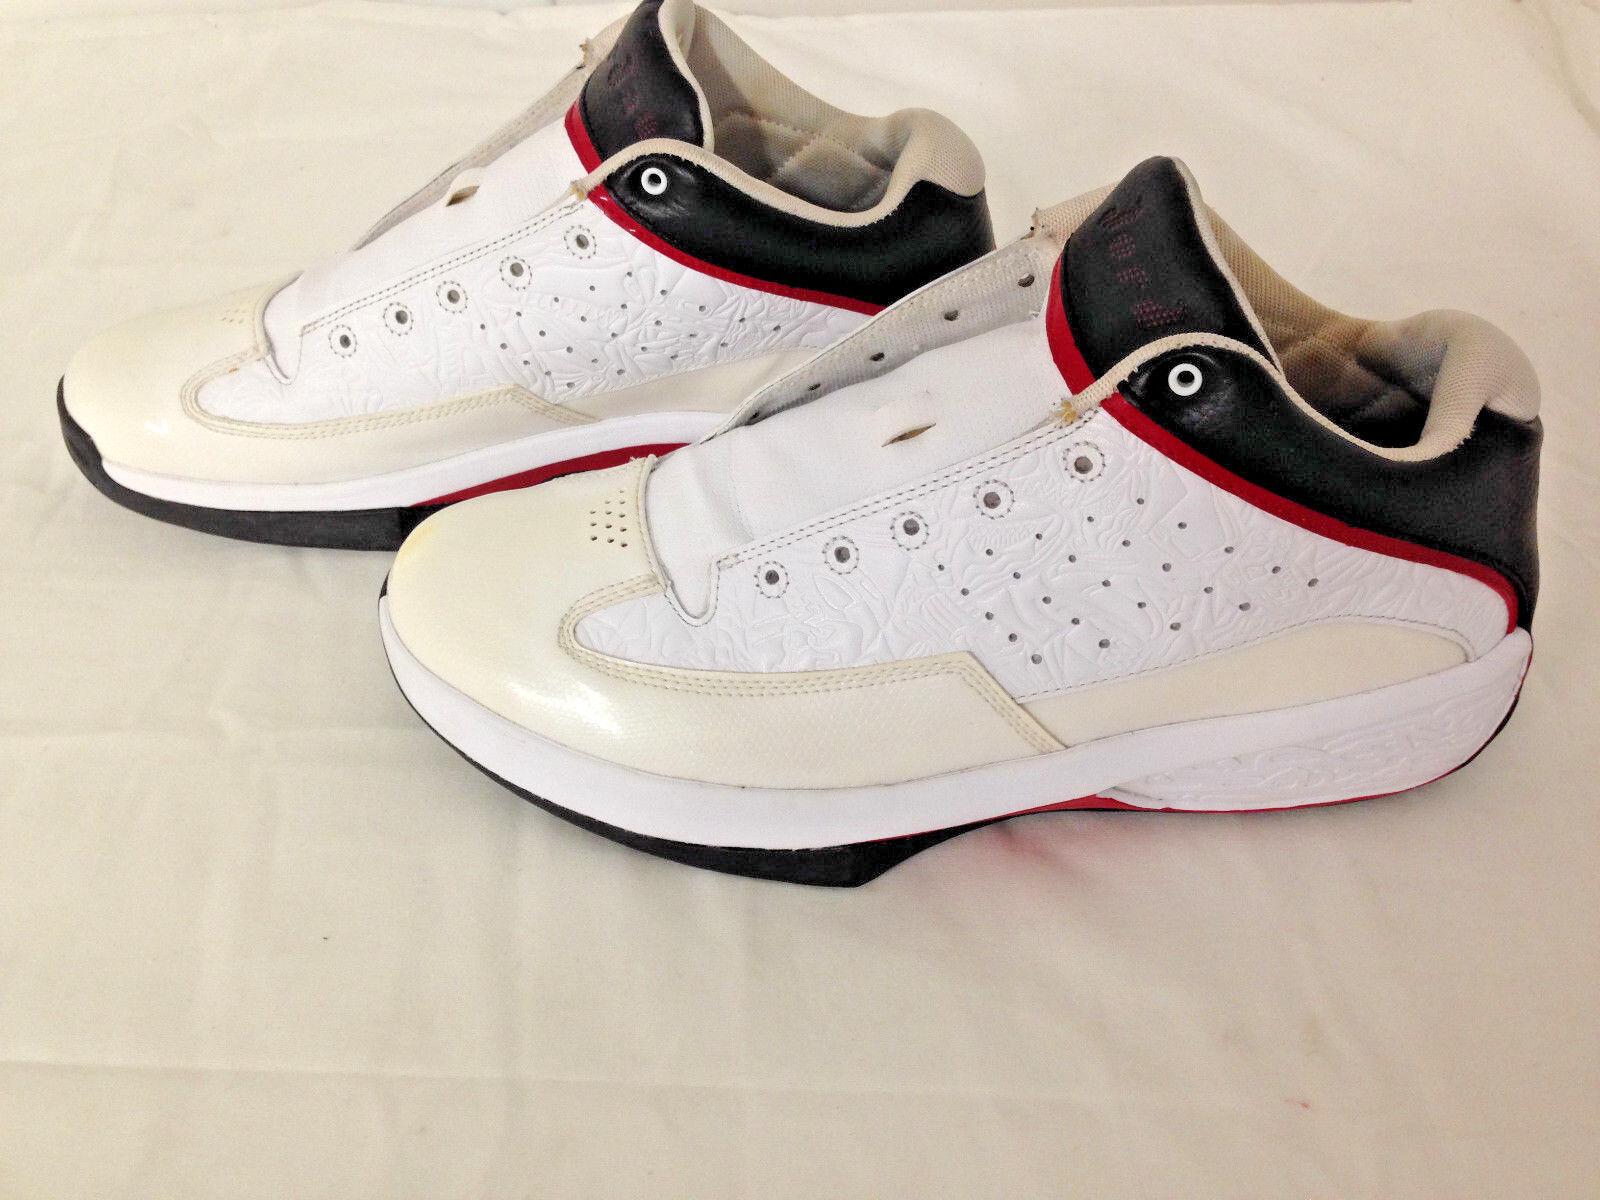 Nike Air Jordan Air Jordan 20 - 467815-100 - Size 11.5